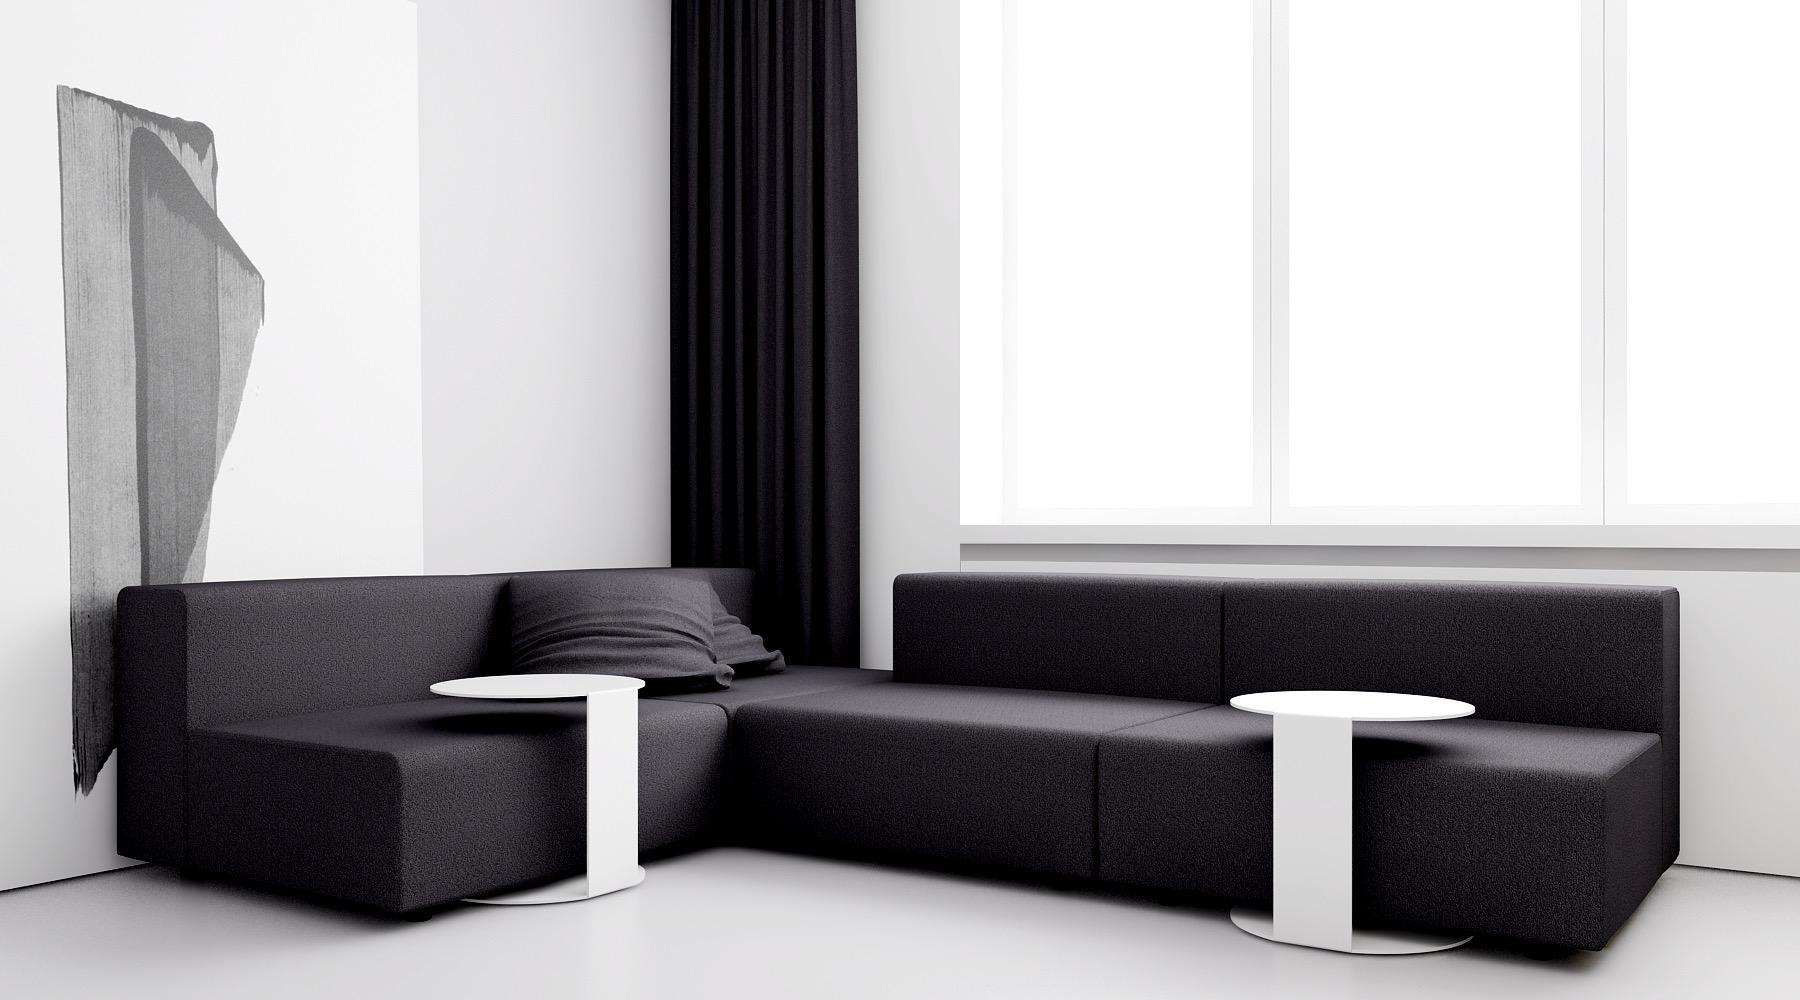 projekt_mieszkania_w_warszawie_aranzacja_minimalistyczne_wnetrze_inuti_lukasz_rzad_04